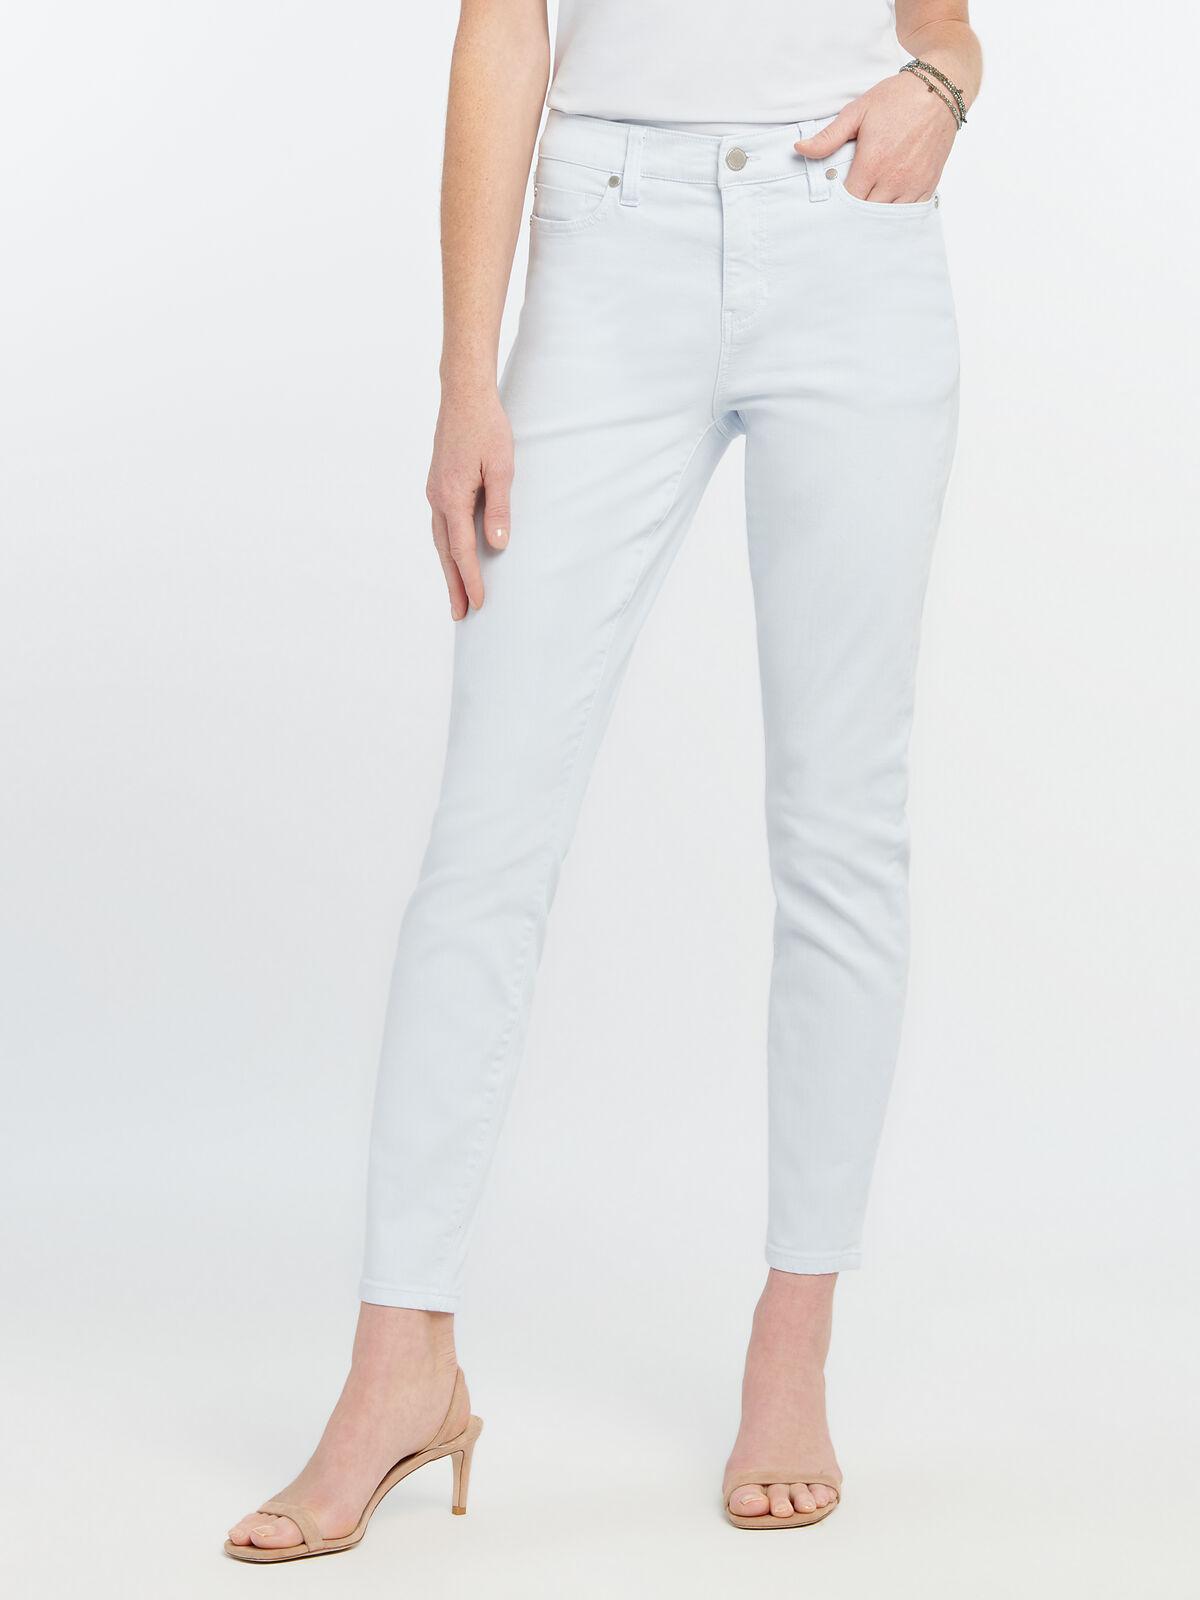 Nic Skinny Jean